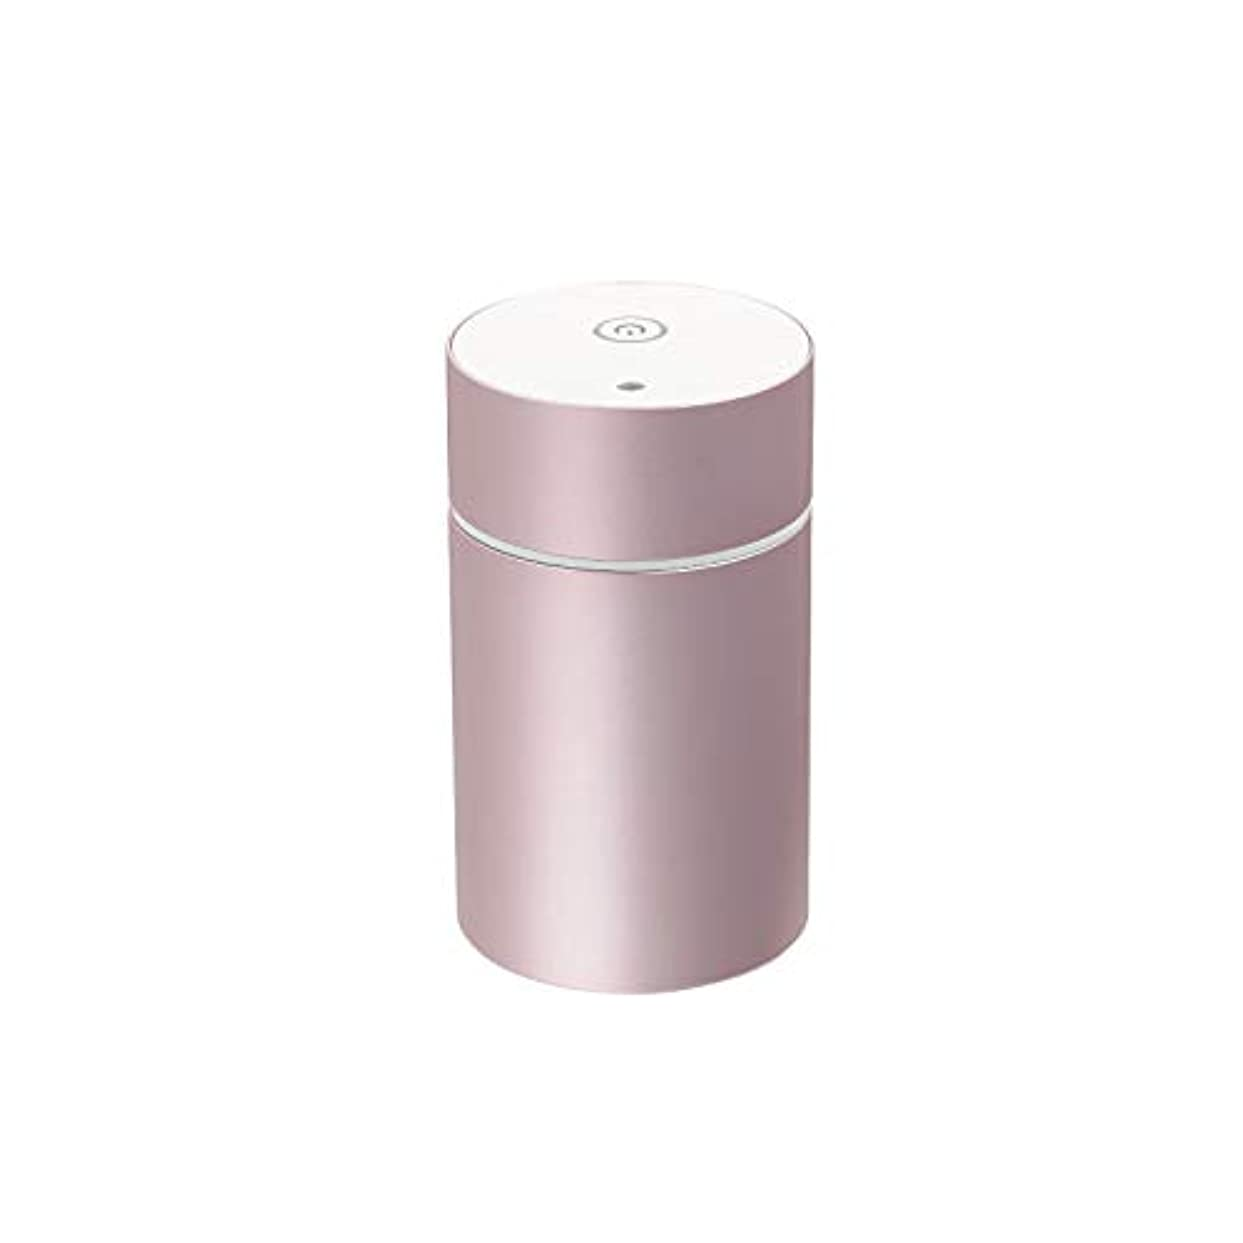 バーベキュー私たち自身の量生活の木 アロマディフューザー(ピンク)aromore mini(アロモアミニ) 08-801-7020